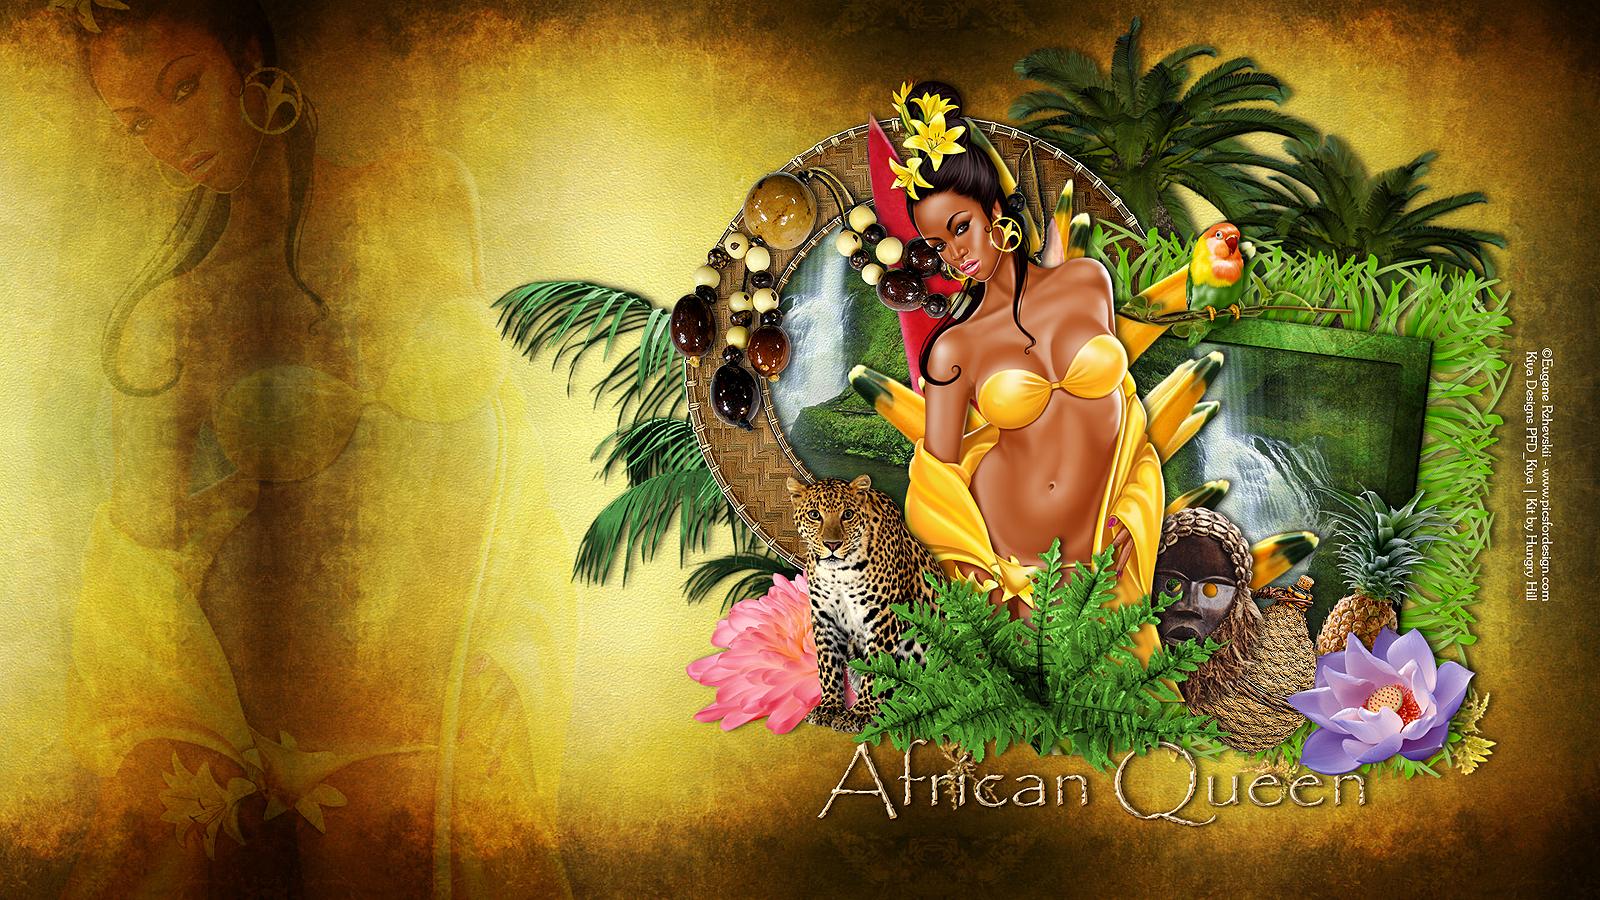 Kiya Designs Ptu African Queen Wallpaper